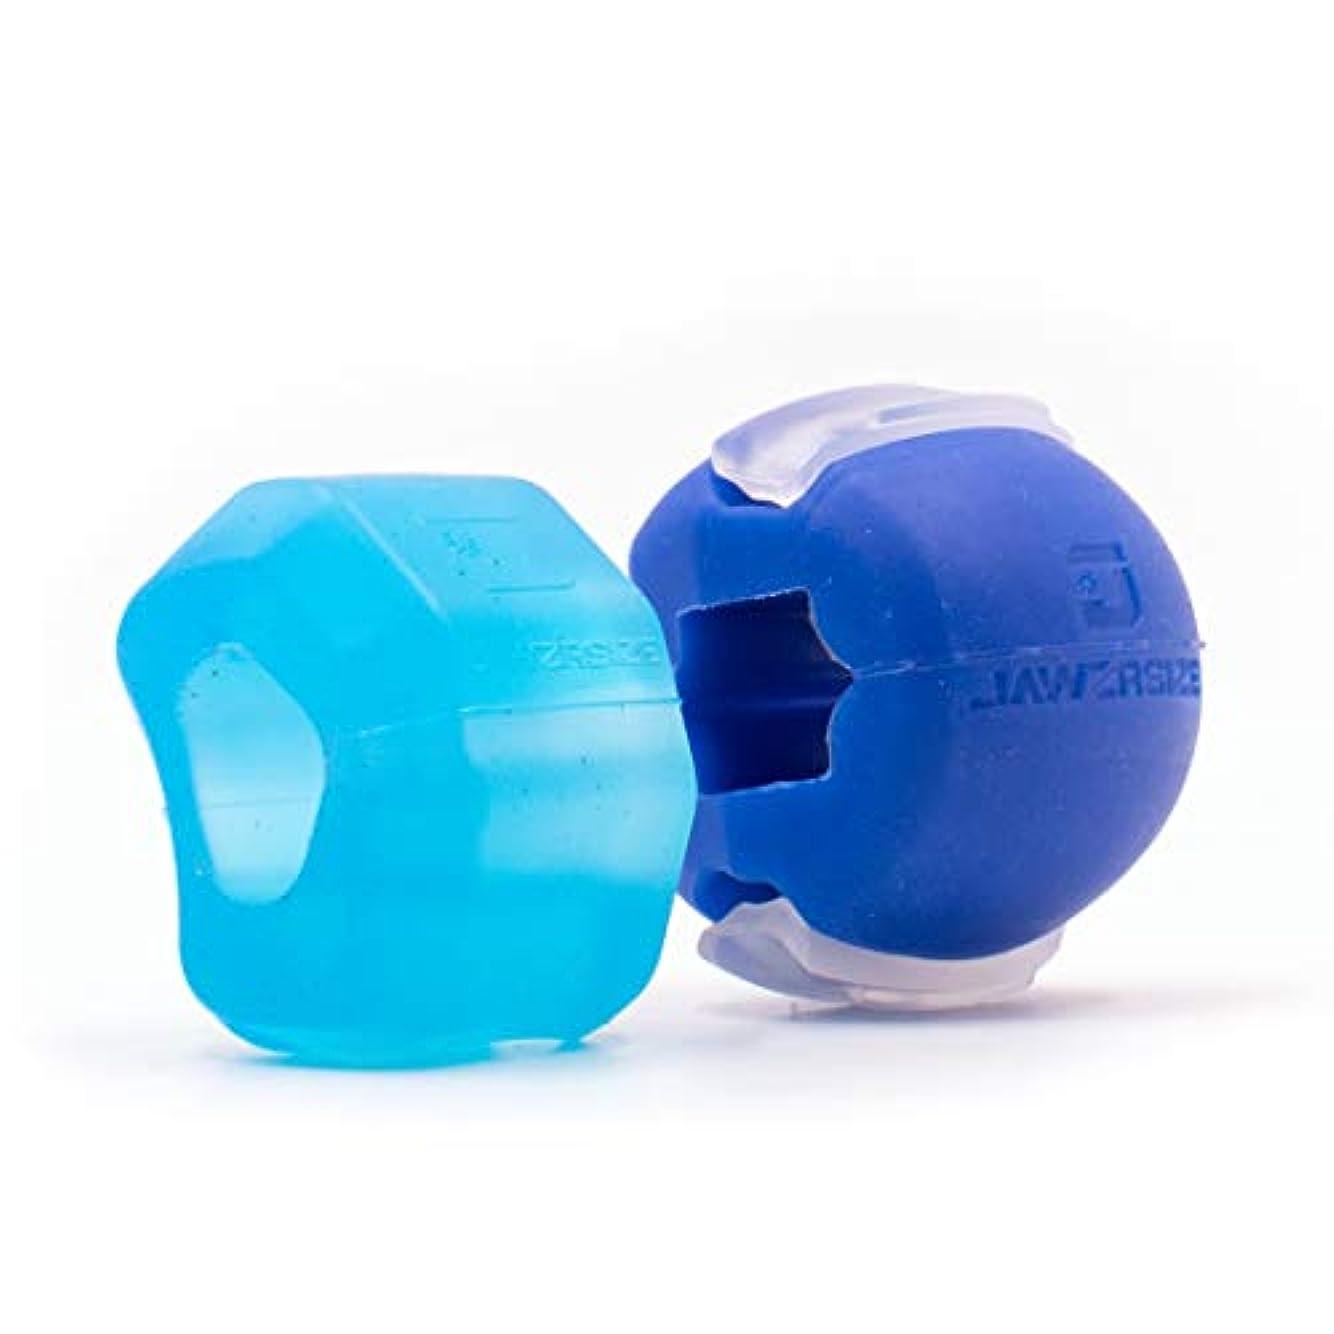 帝国主義医薬品リングバックJawzrsize フェイストナー、ジョーエクササイザ、ネックトーニング装置 (20/40 Lb. 抵抗) 2パック - レベル1と2 - 青/紫